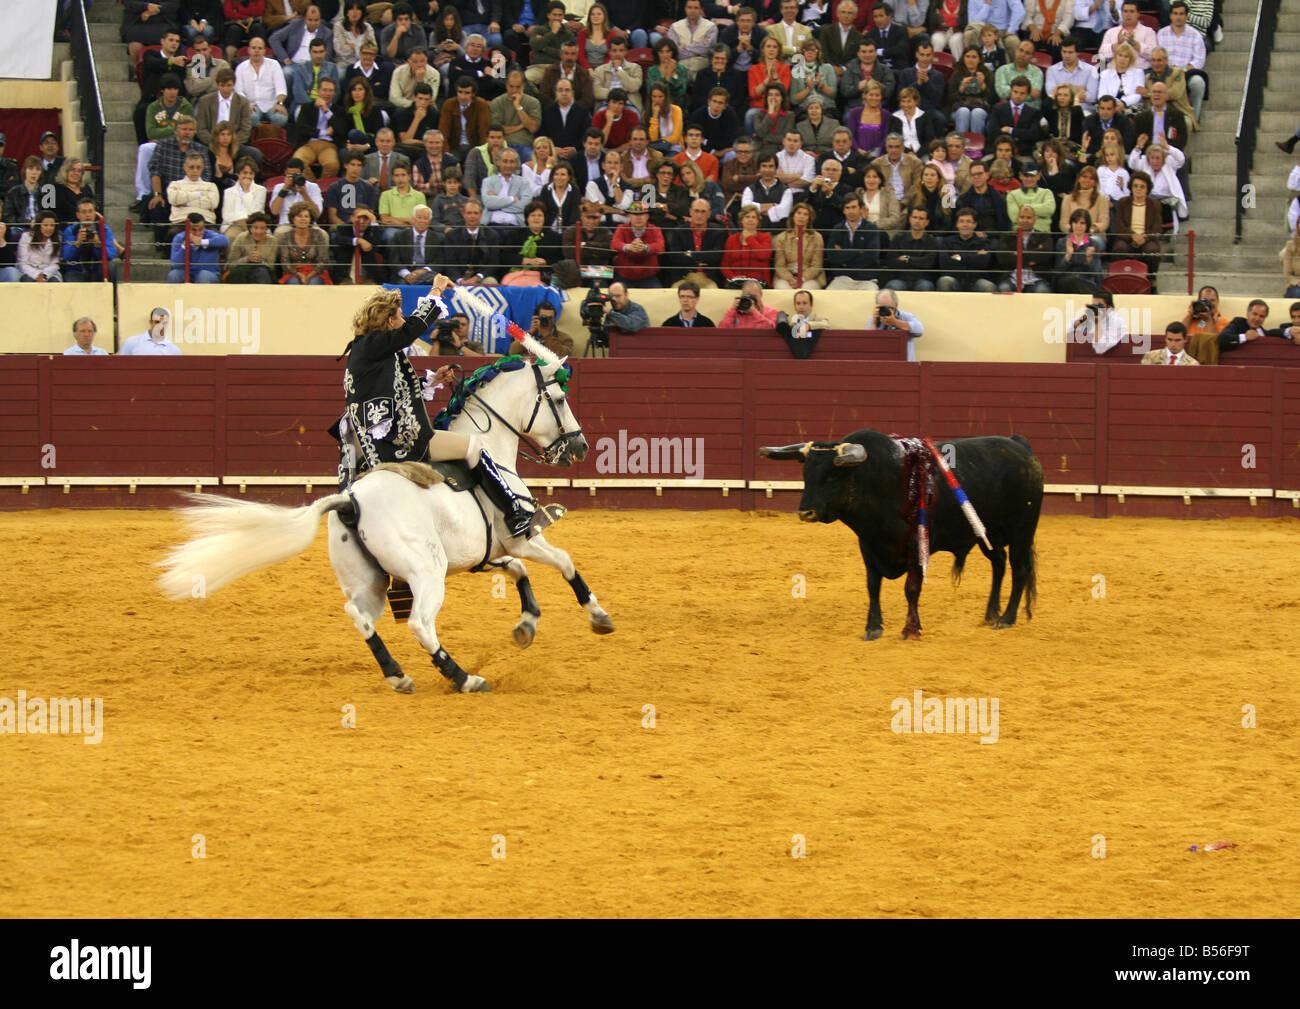 Bullfight at Praca de Touros de Campo Pequeno - Stock Image